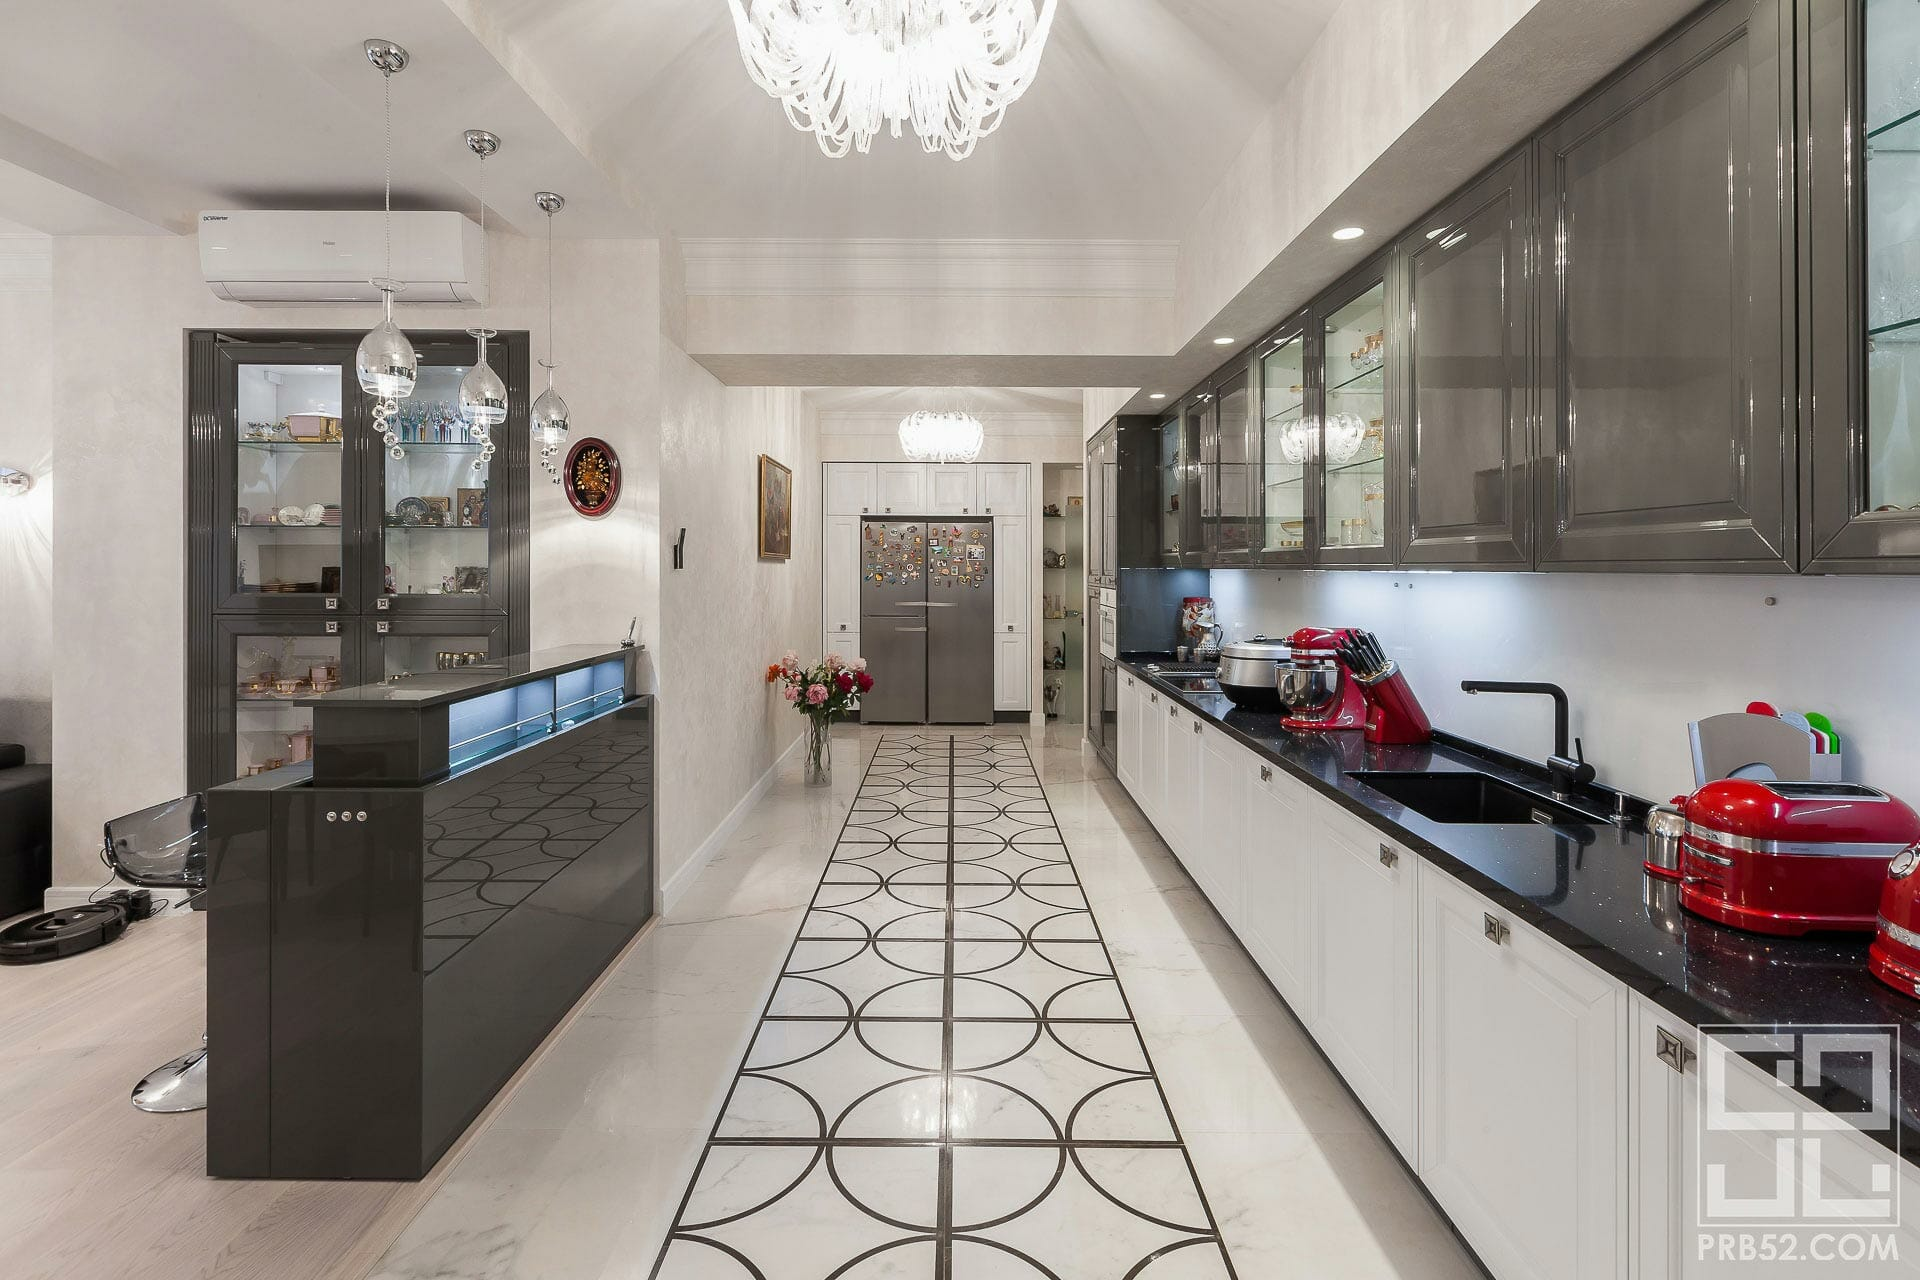 дизайн интерьера кухни с барной стойкой фото